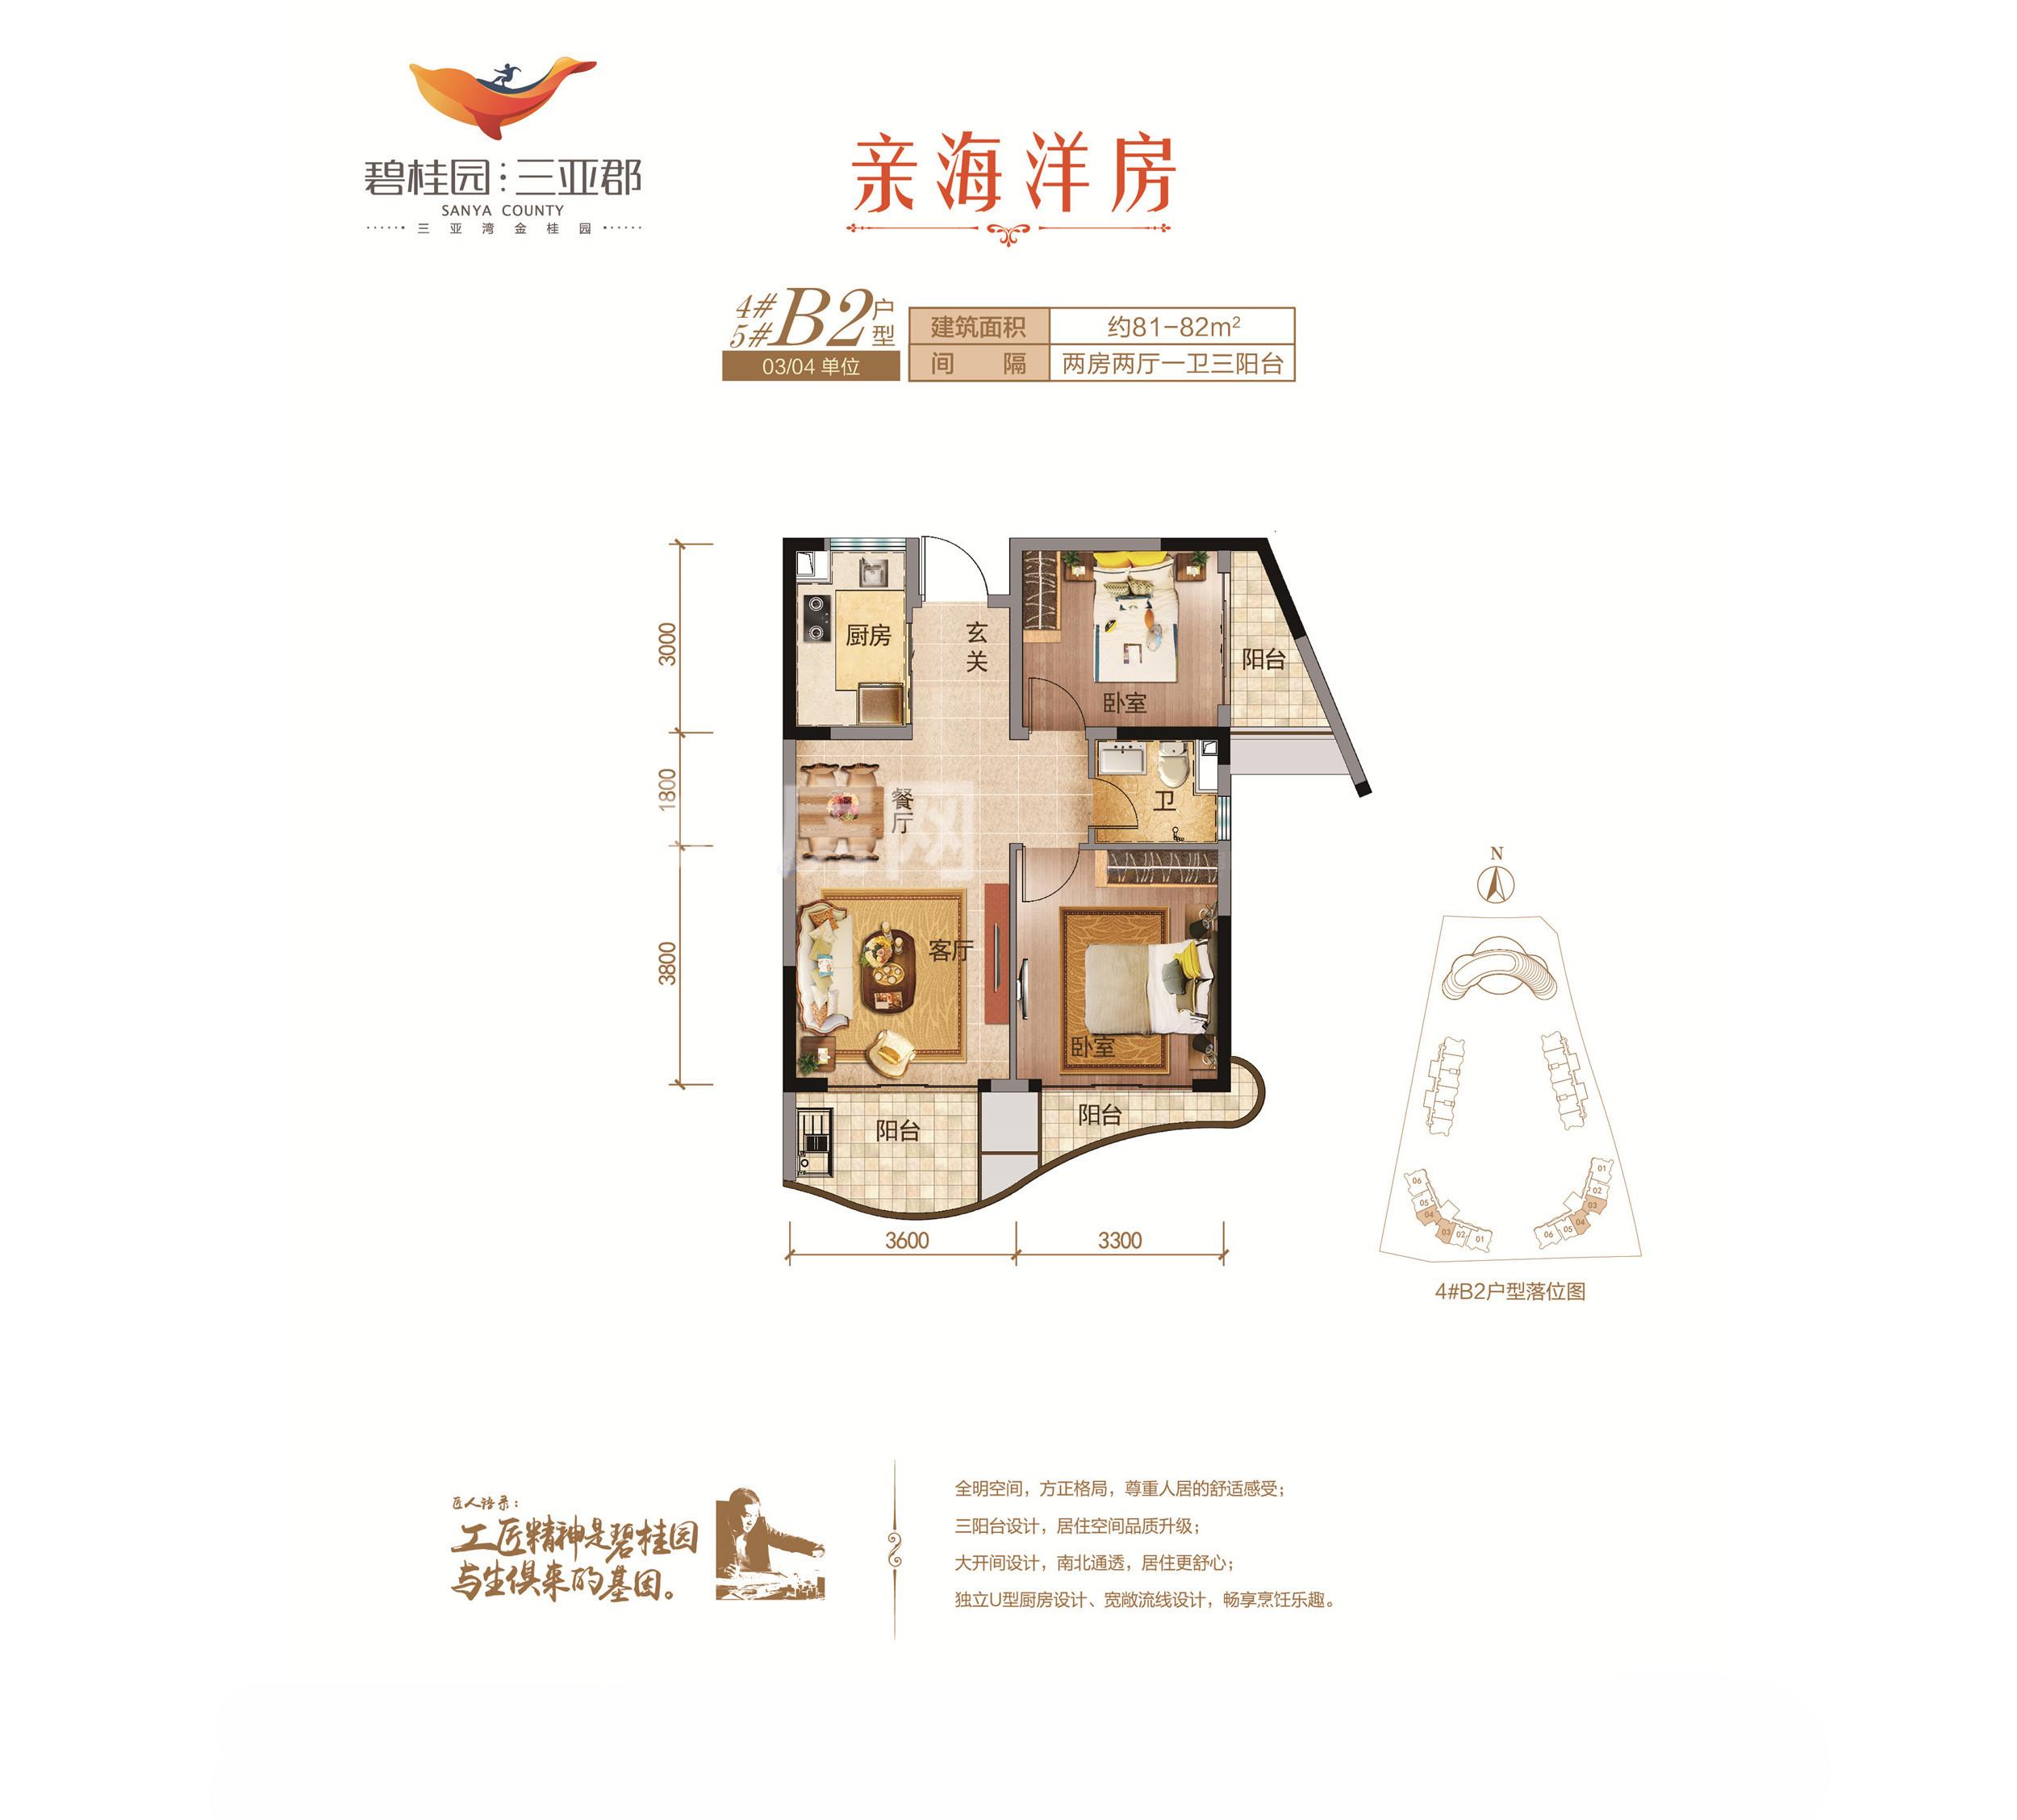 碧桂园三亚郡2室2厅1卫 (建筑面积:82.00㎡)